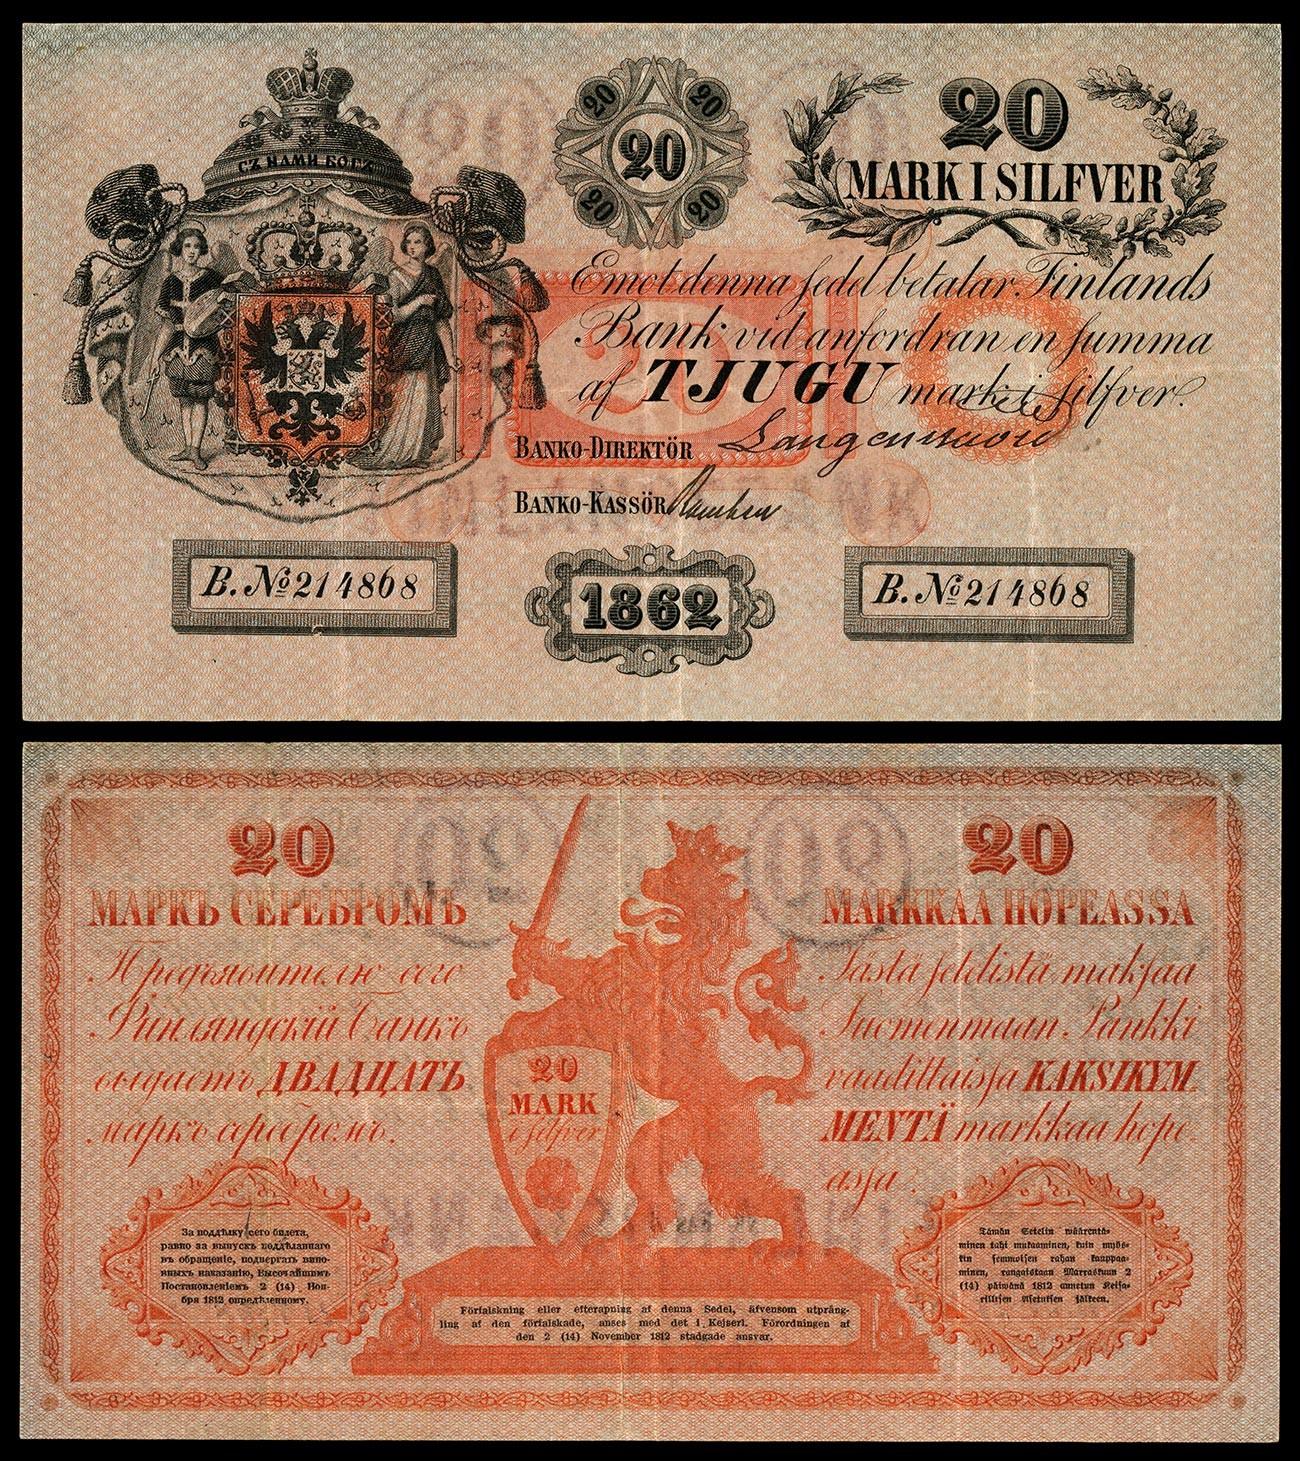 Finska marka, 1862.